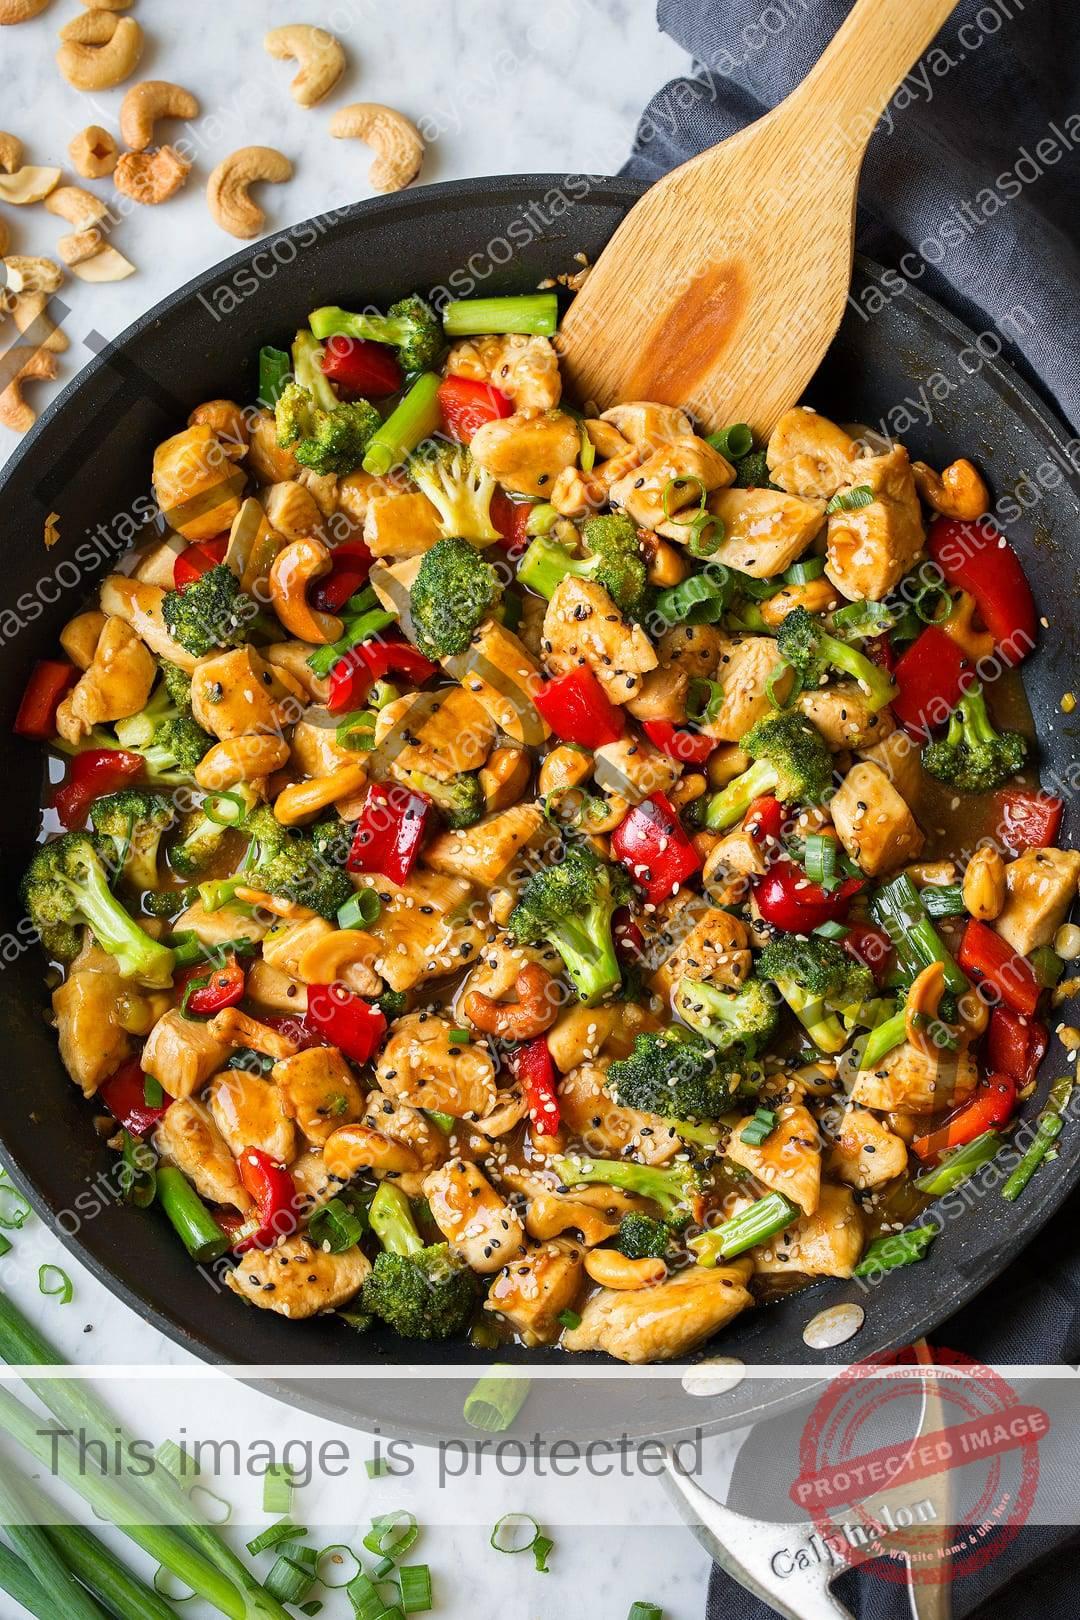 Pollo con anacardos que se muestra aquí en la sartén.  Incluye trozos de pechuga de pollo, brócoli, pimientos y una salsa dulce y picante.